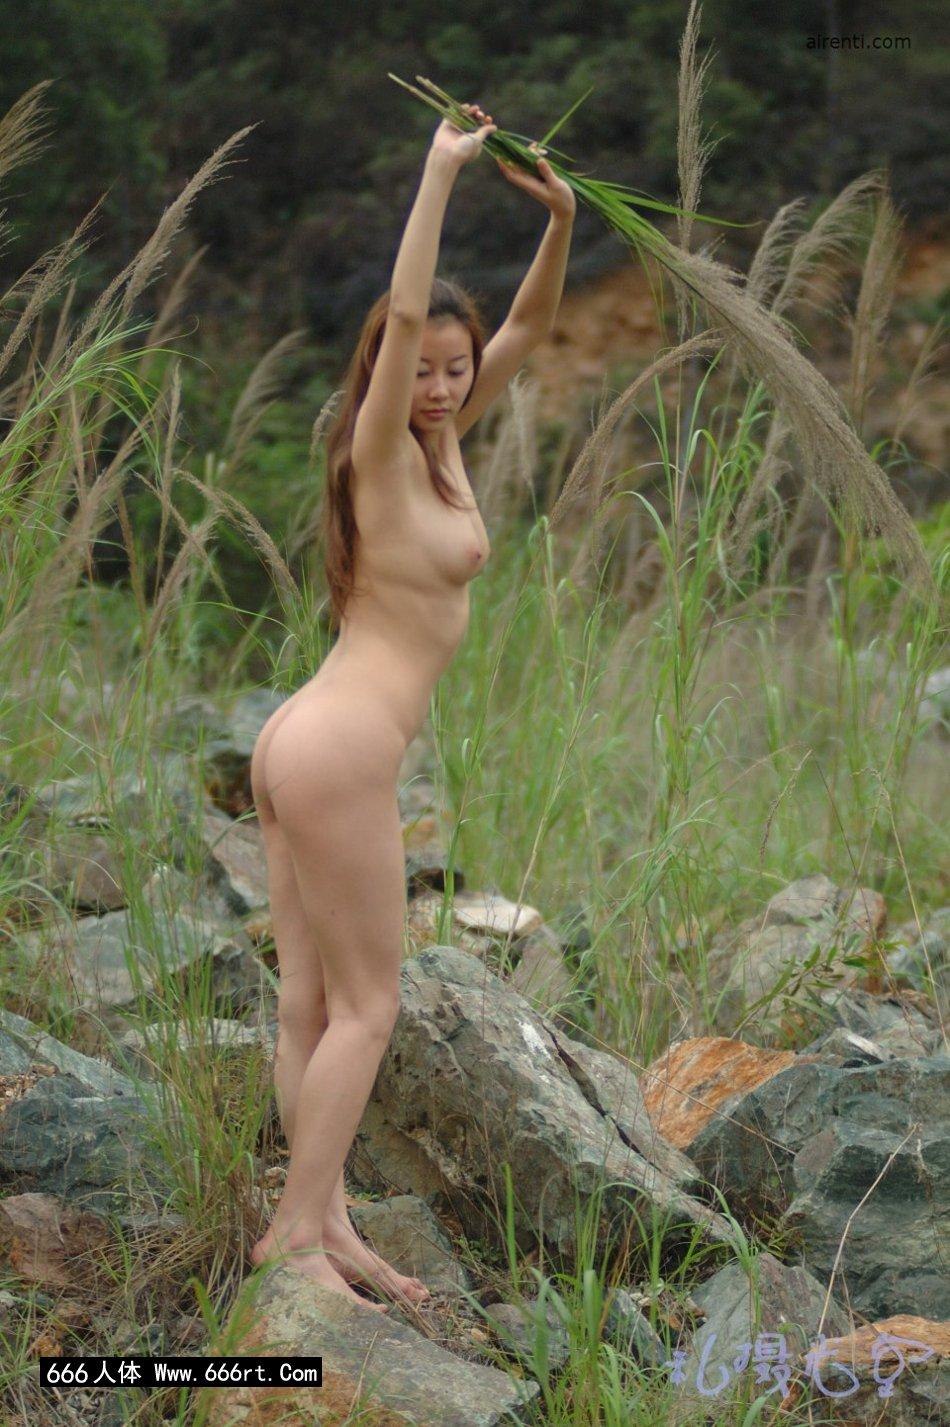 皮肤白个子好的王丹芦苇丛中外拍